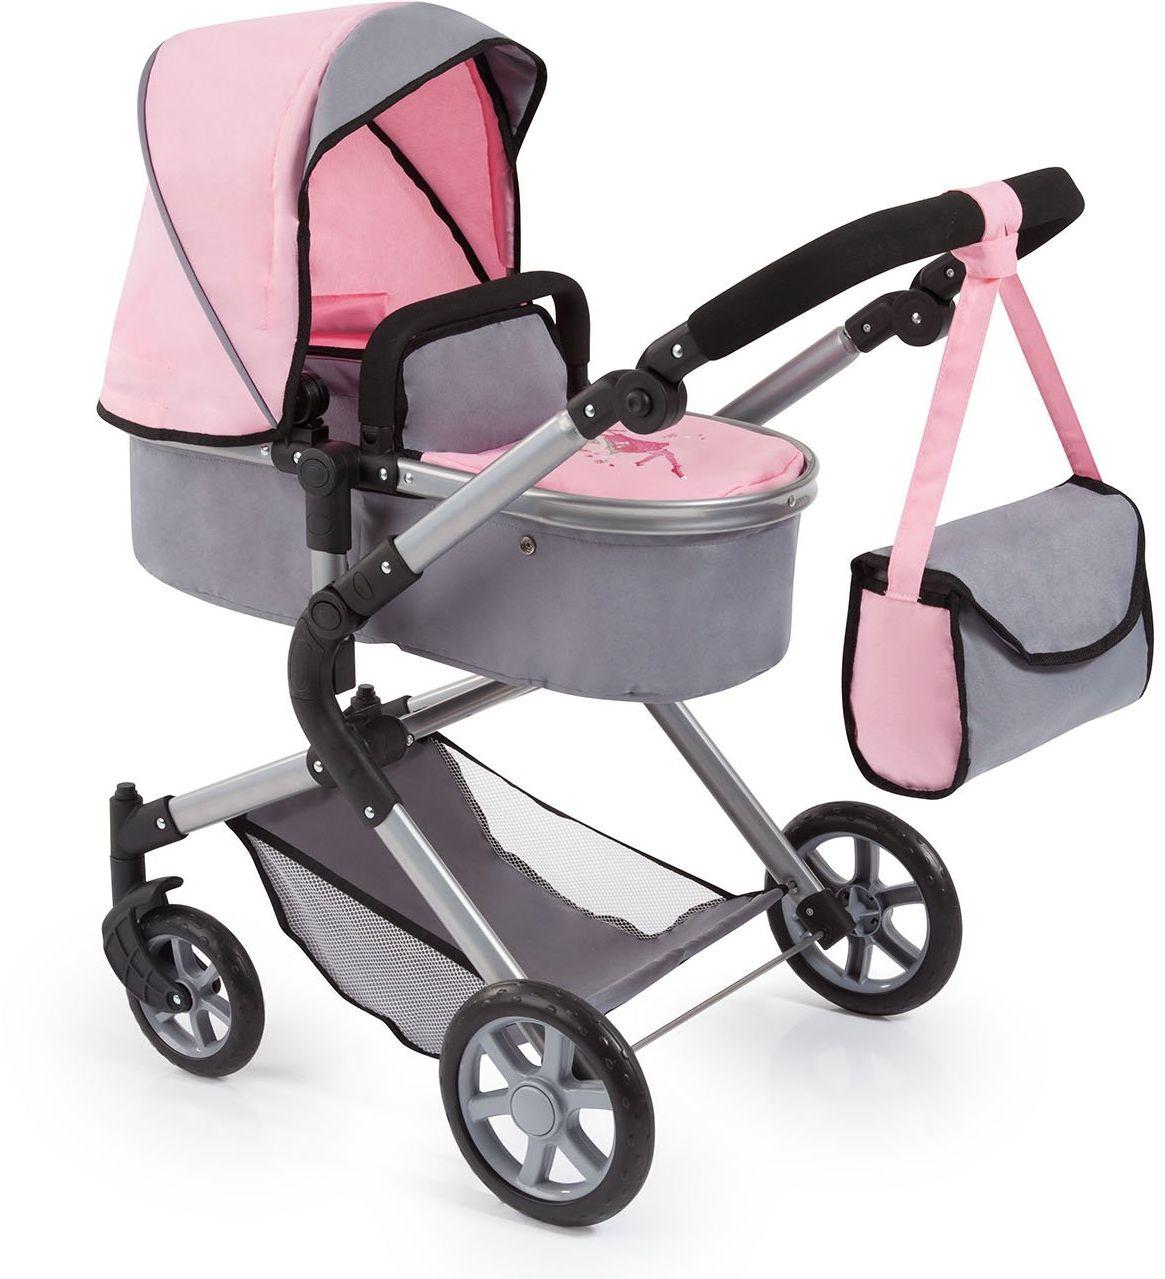 Bayer Design 18108AA City Neo wózek dla lalek z torbą do przewijania i koszykiem na zakupy / możliwość przekształcenia w samochód sportowy / regulacja wysokości / wzór: wróżka / szary, różowy